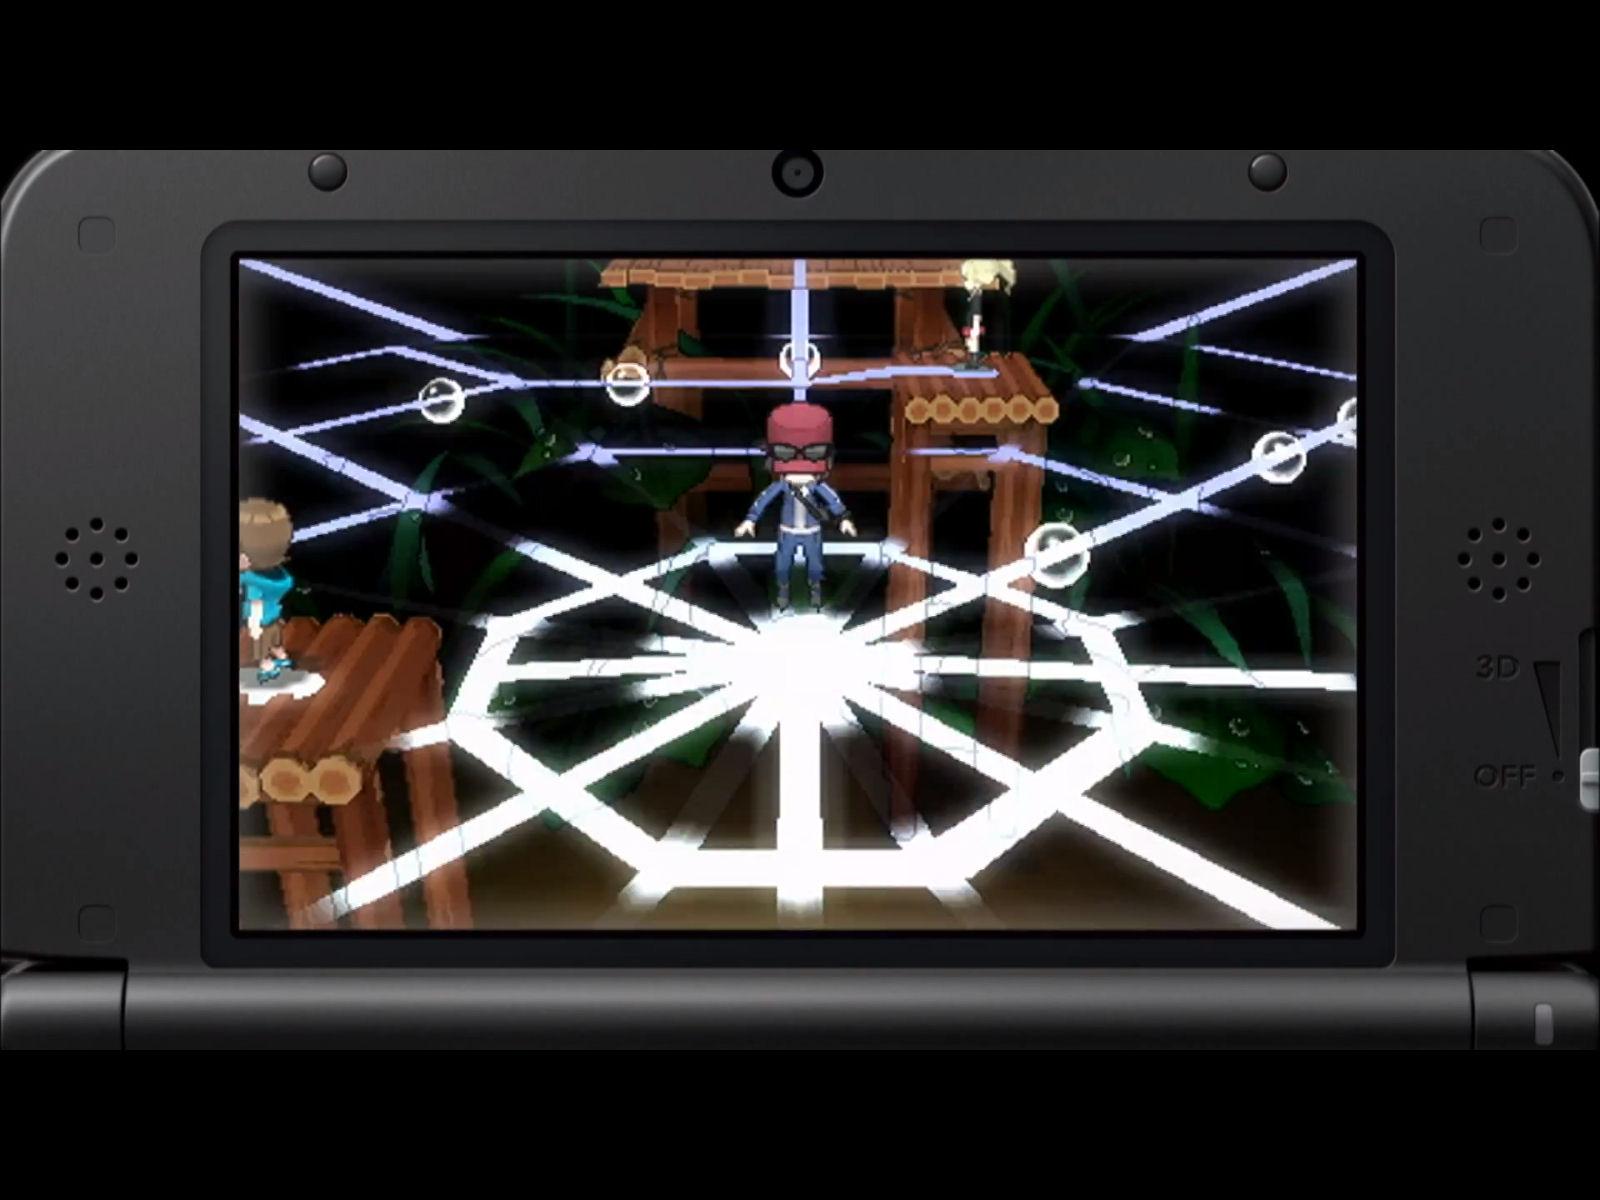 Pokemon X and Y Bug Gym Screenshot